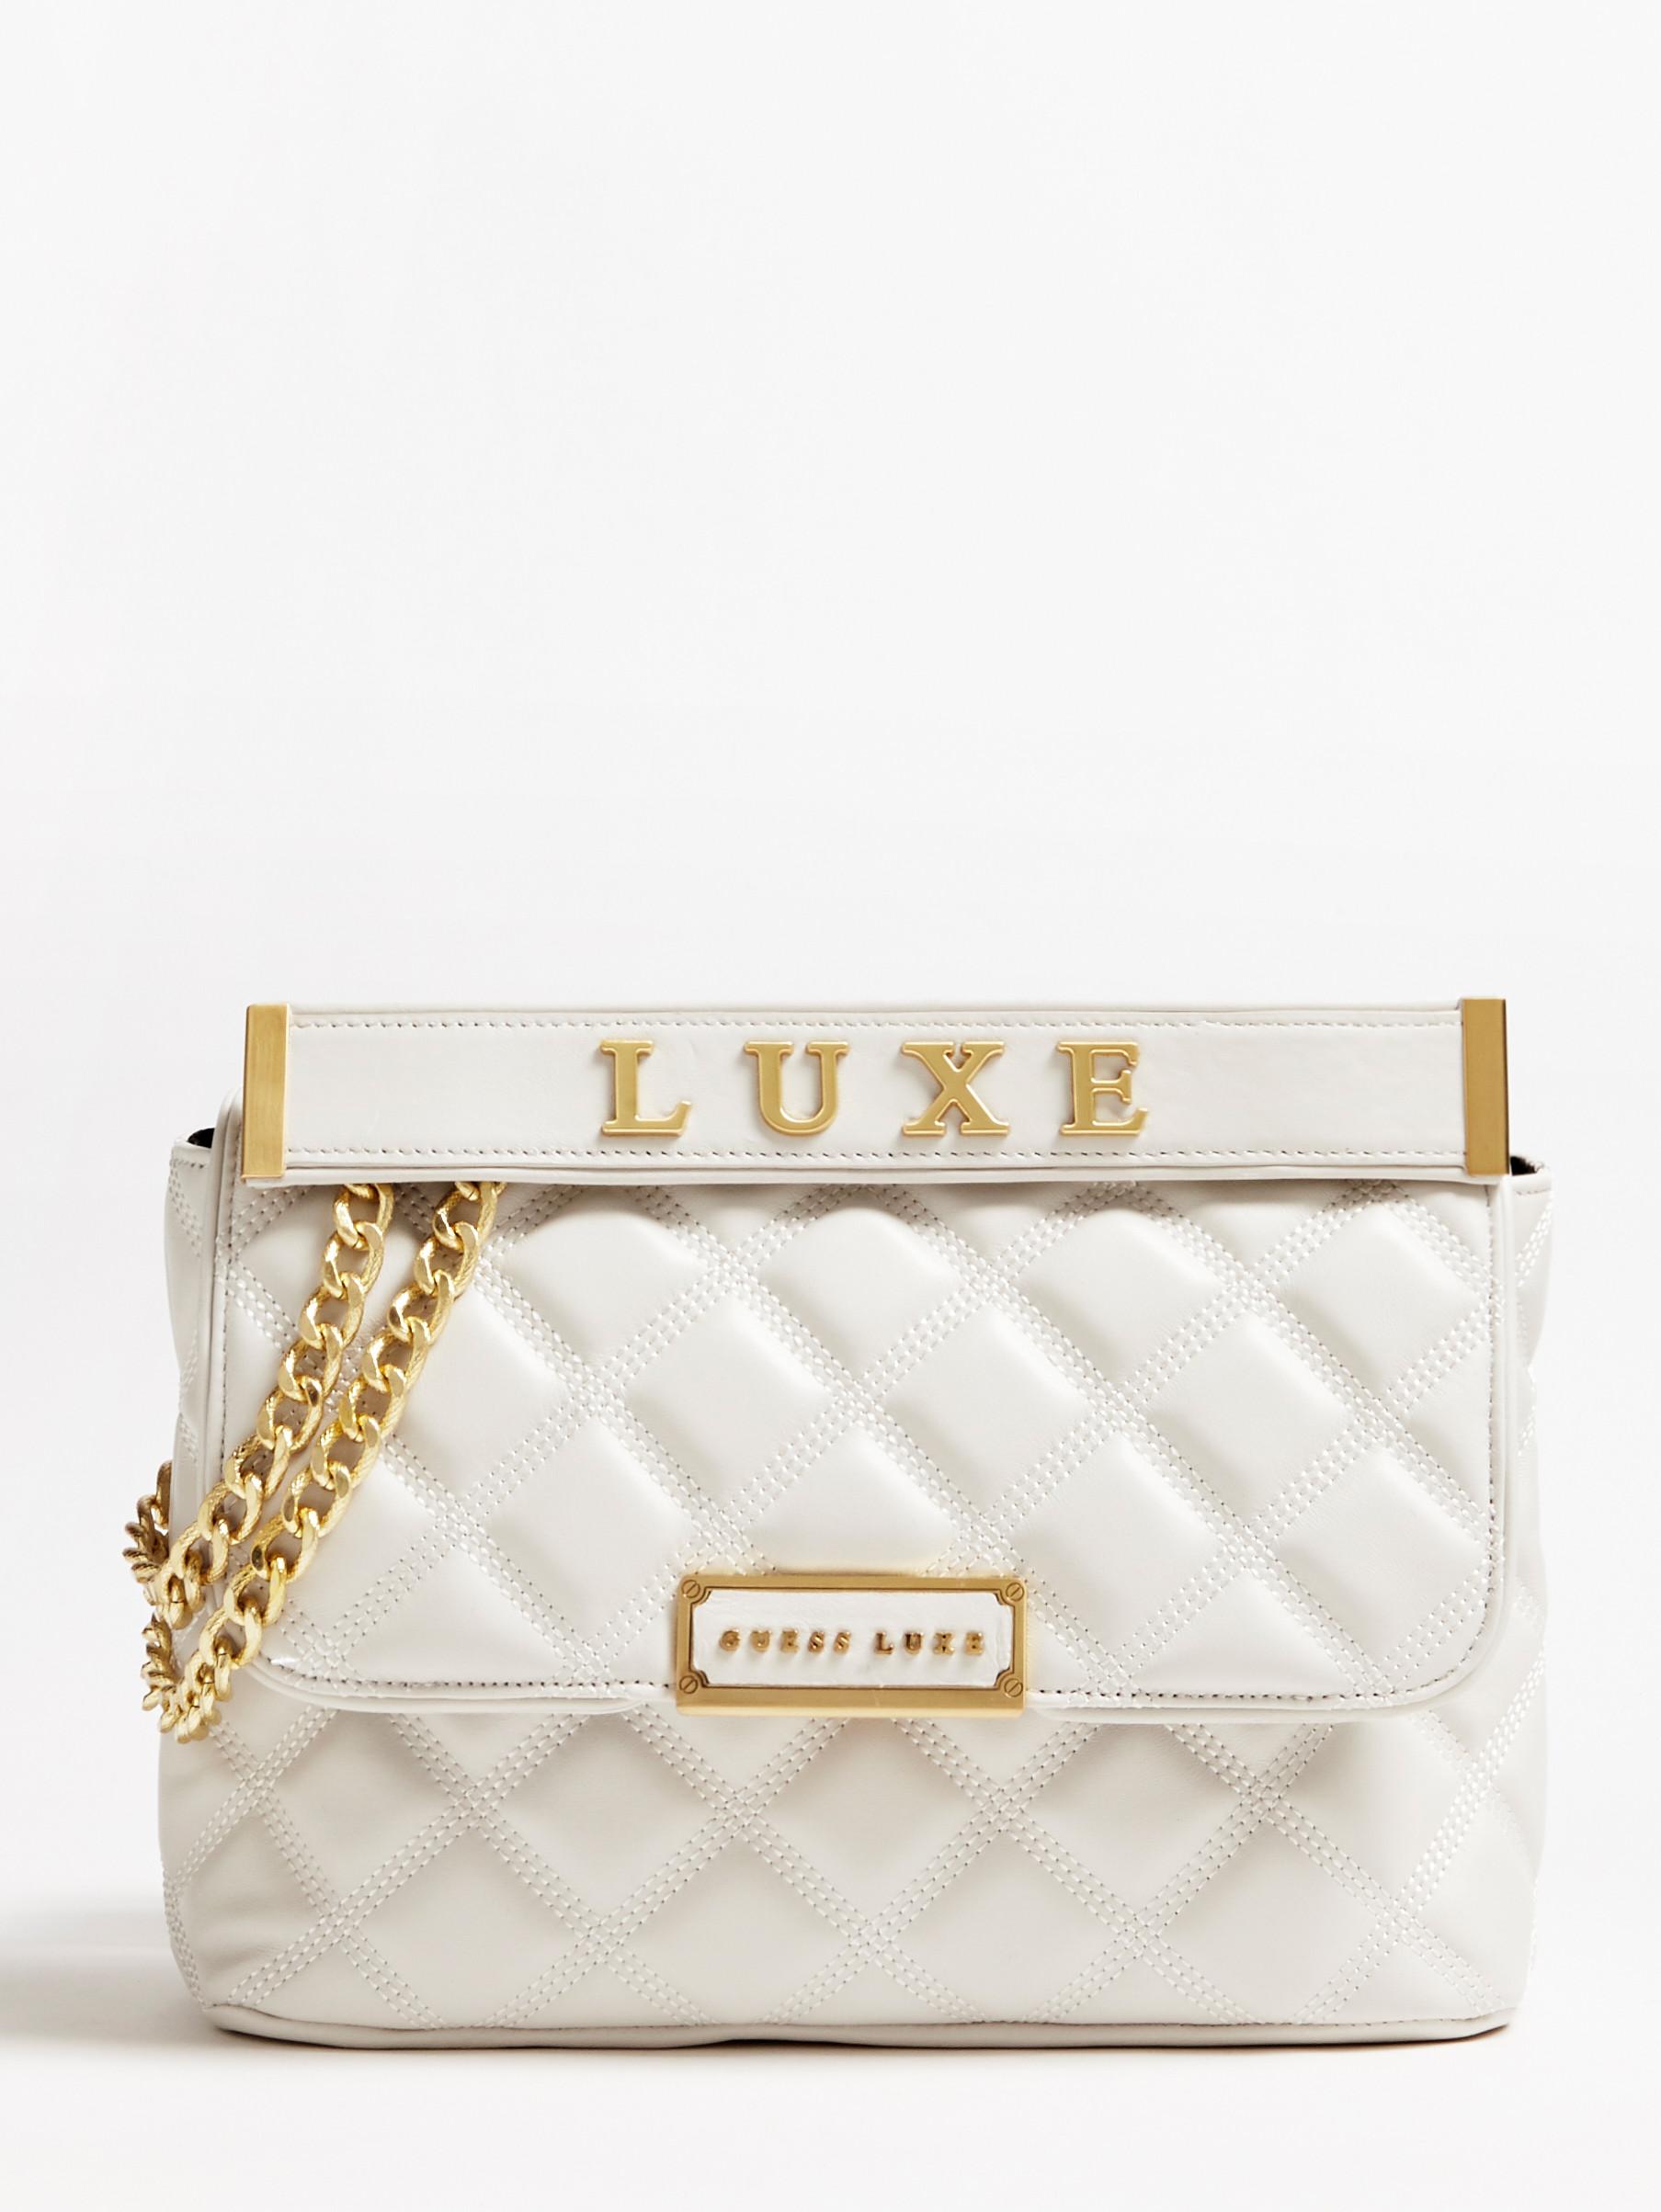 Cherie: Uma verdadeira afirmação de estilo da Guess Luxe